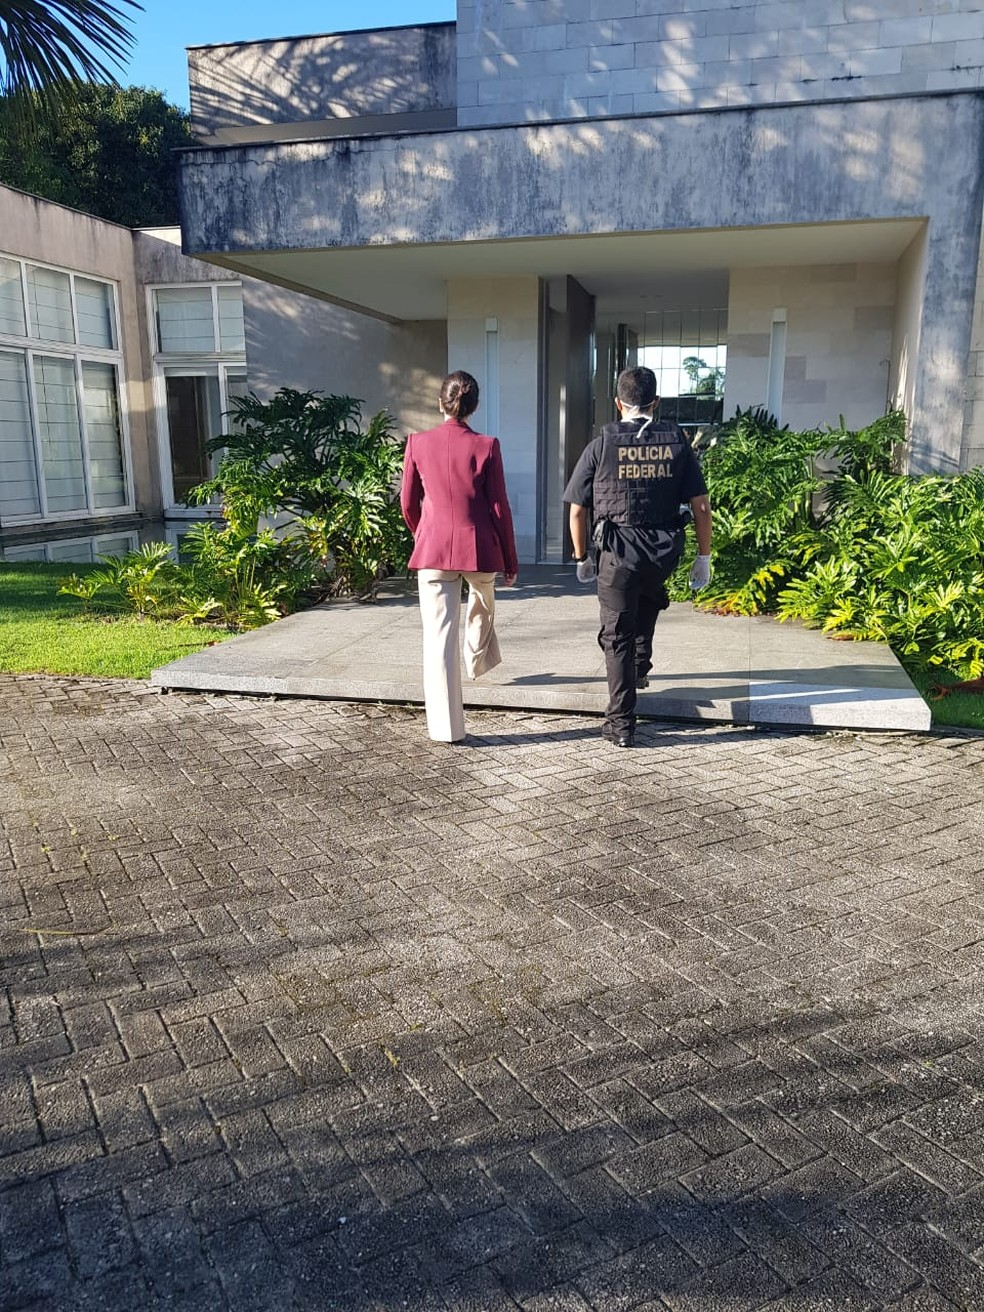 Polícia Federal realiza buscas na casa do governador, Helder Barbalho — Foto: Reprodução/Polícia Federal do Pará